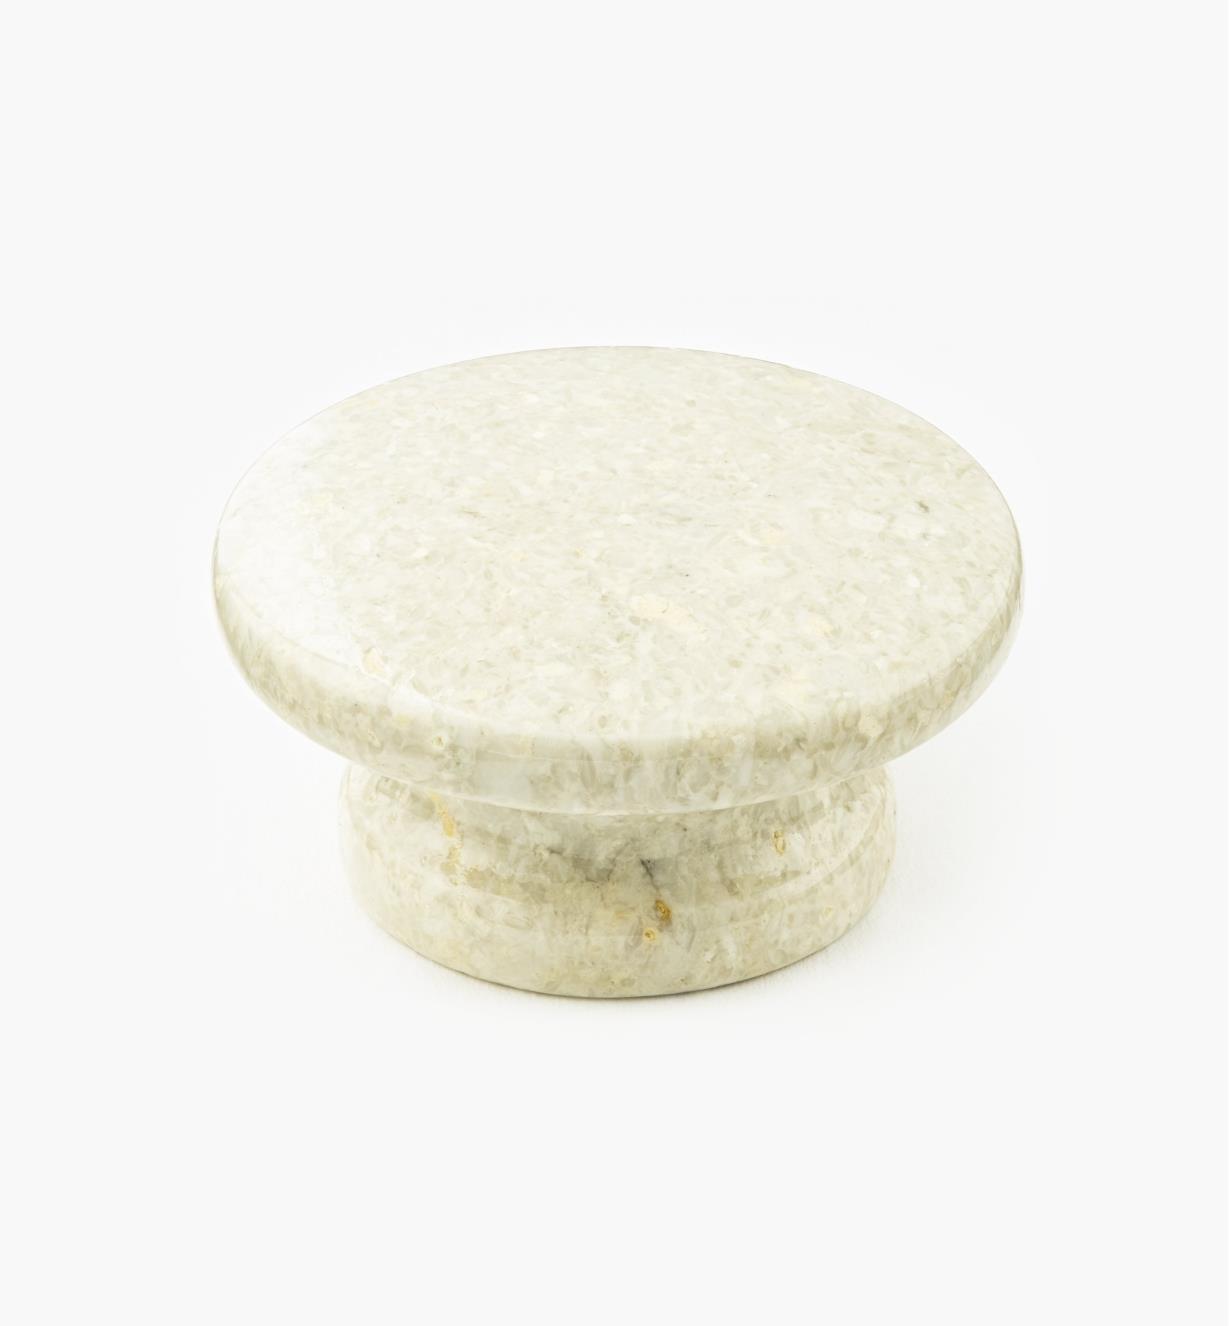 00W4042 - Bouton en marbre, sable, 50 mm x 25 mm